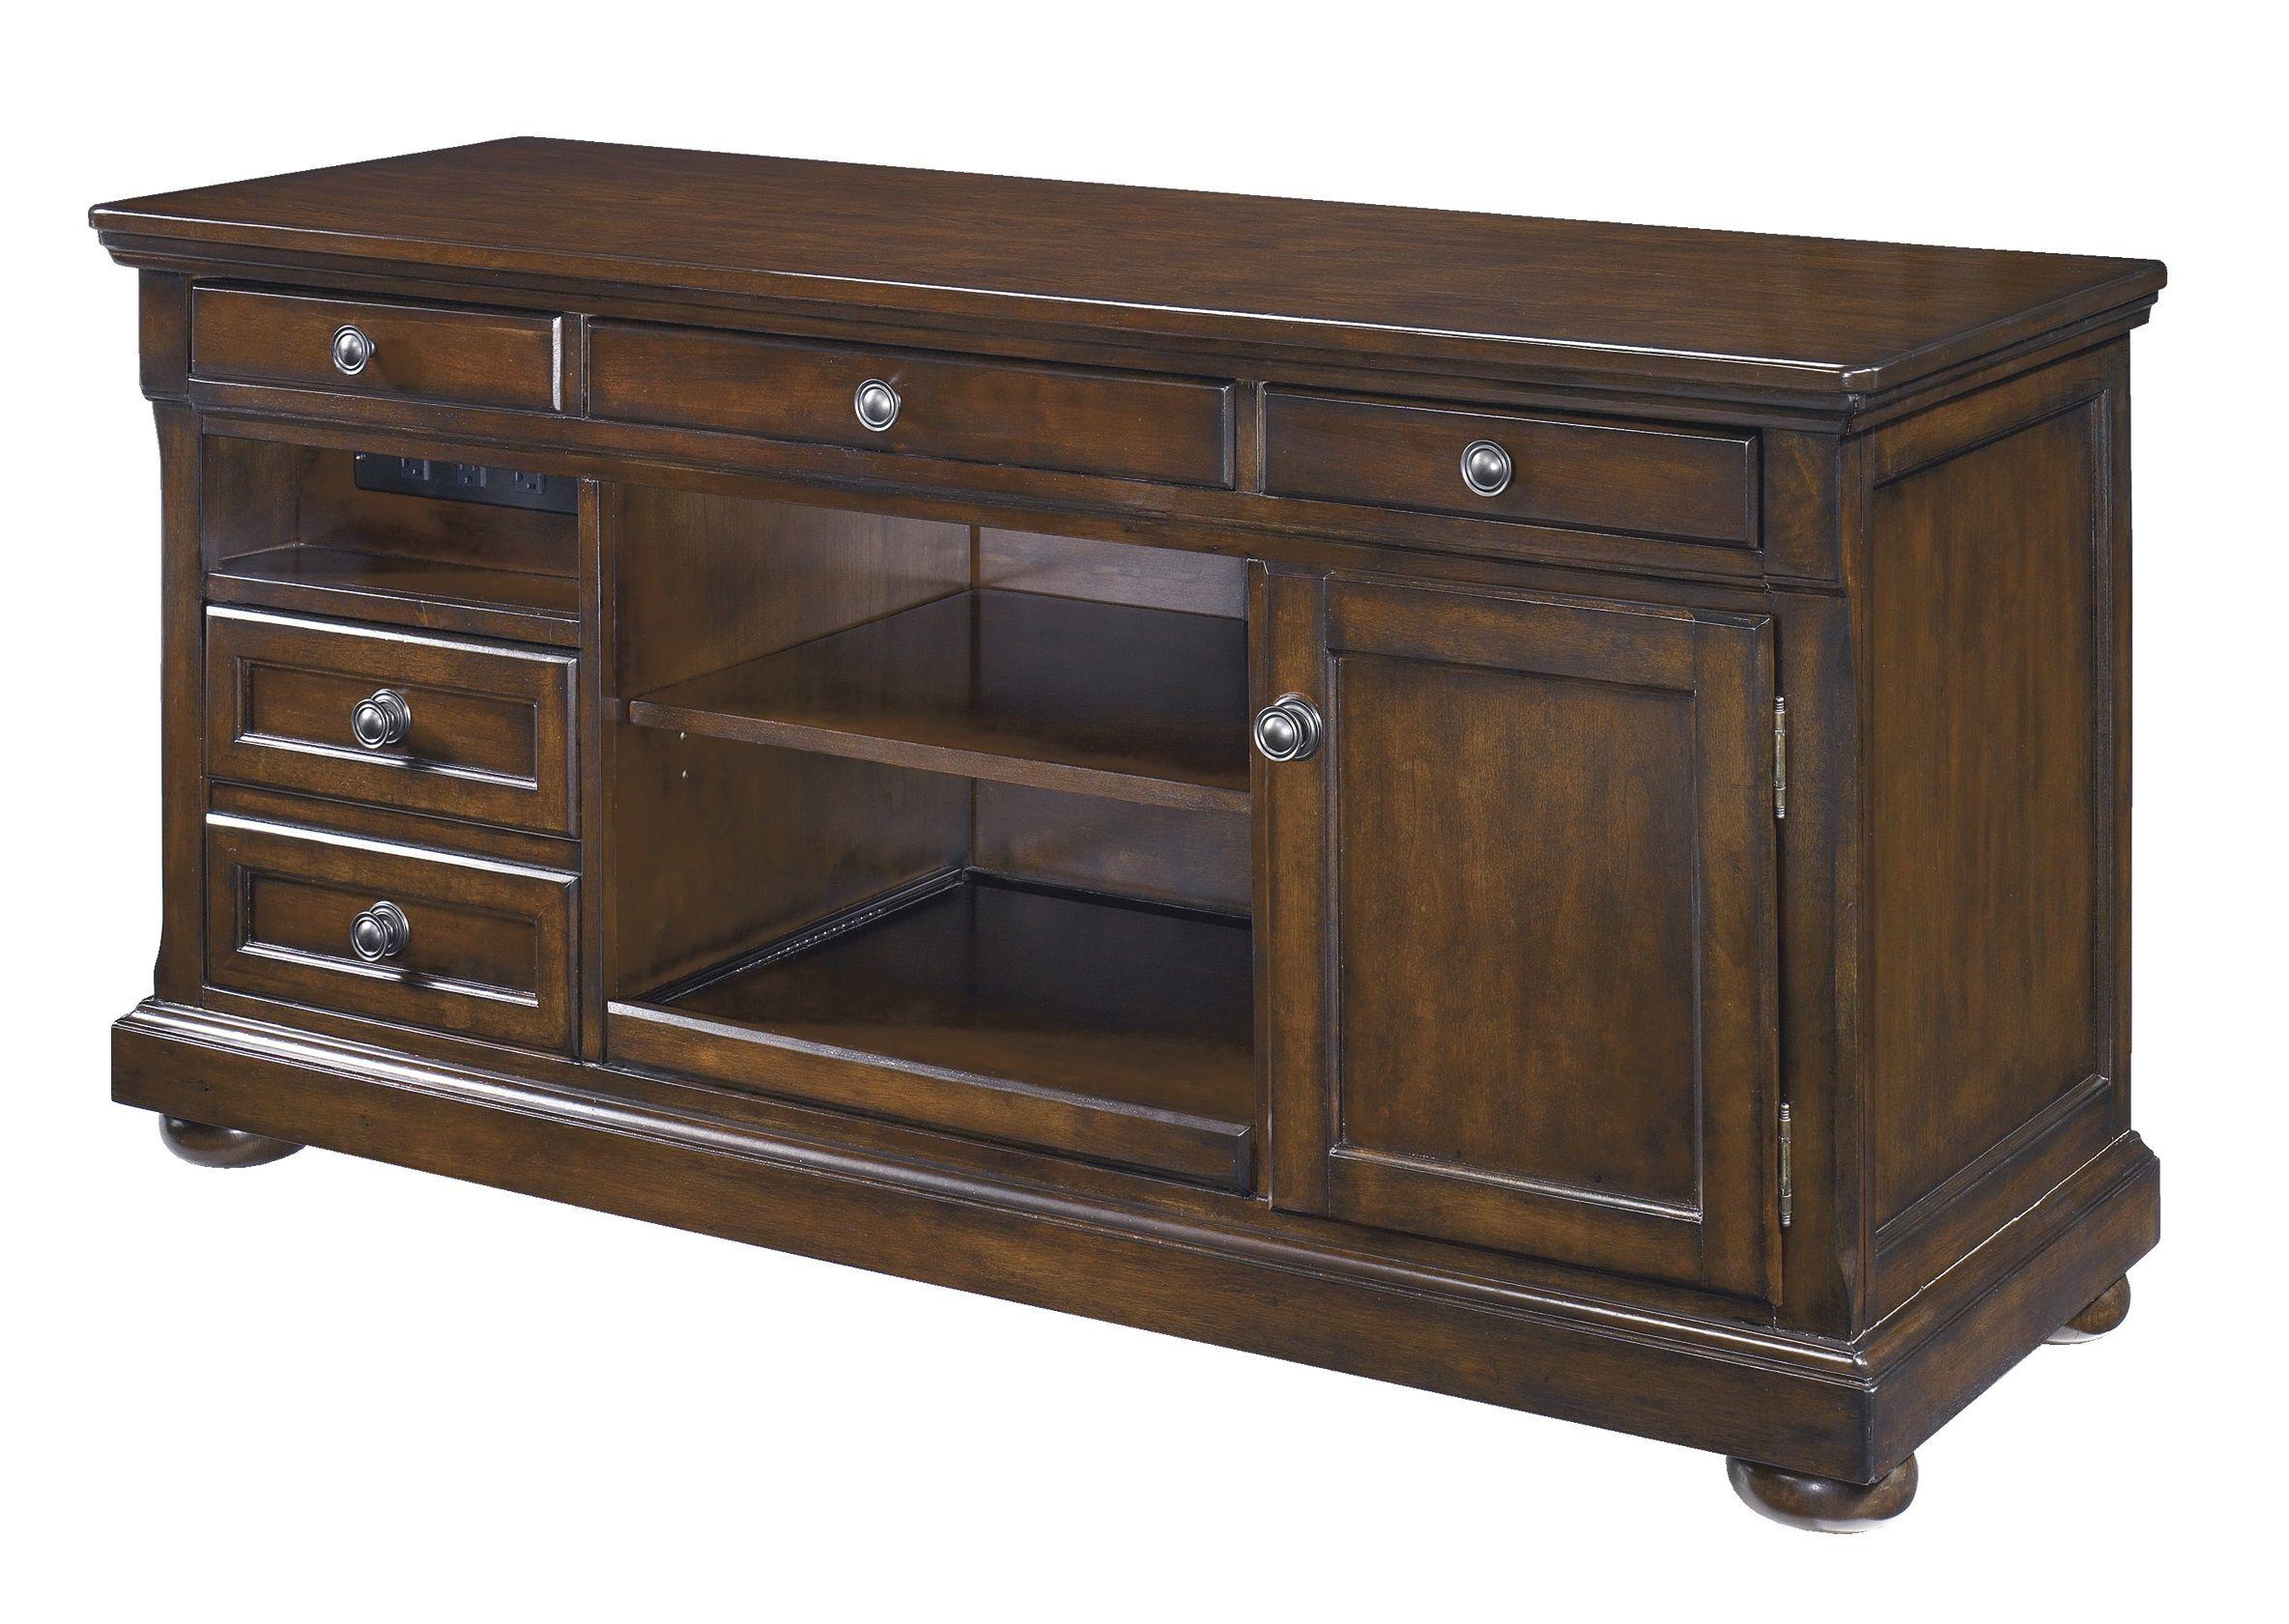 porter large credenza h697 46 desks from ashley at